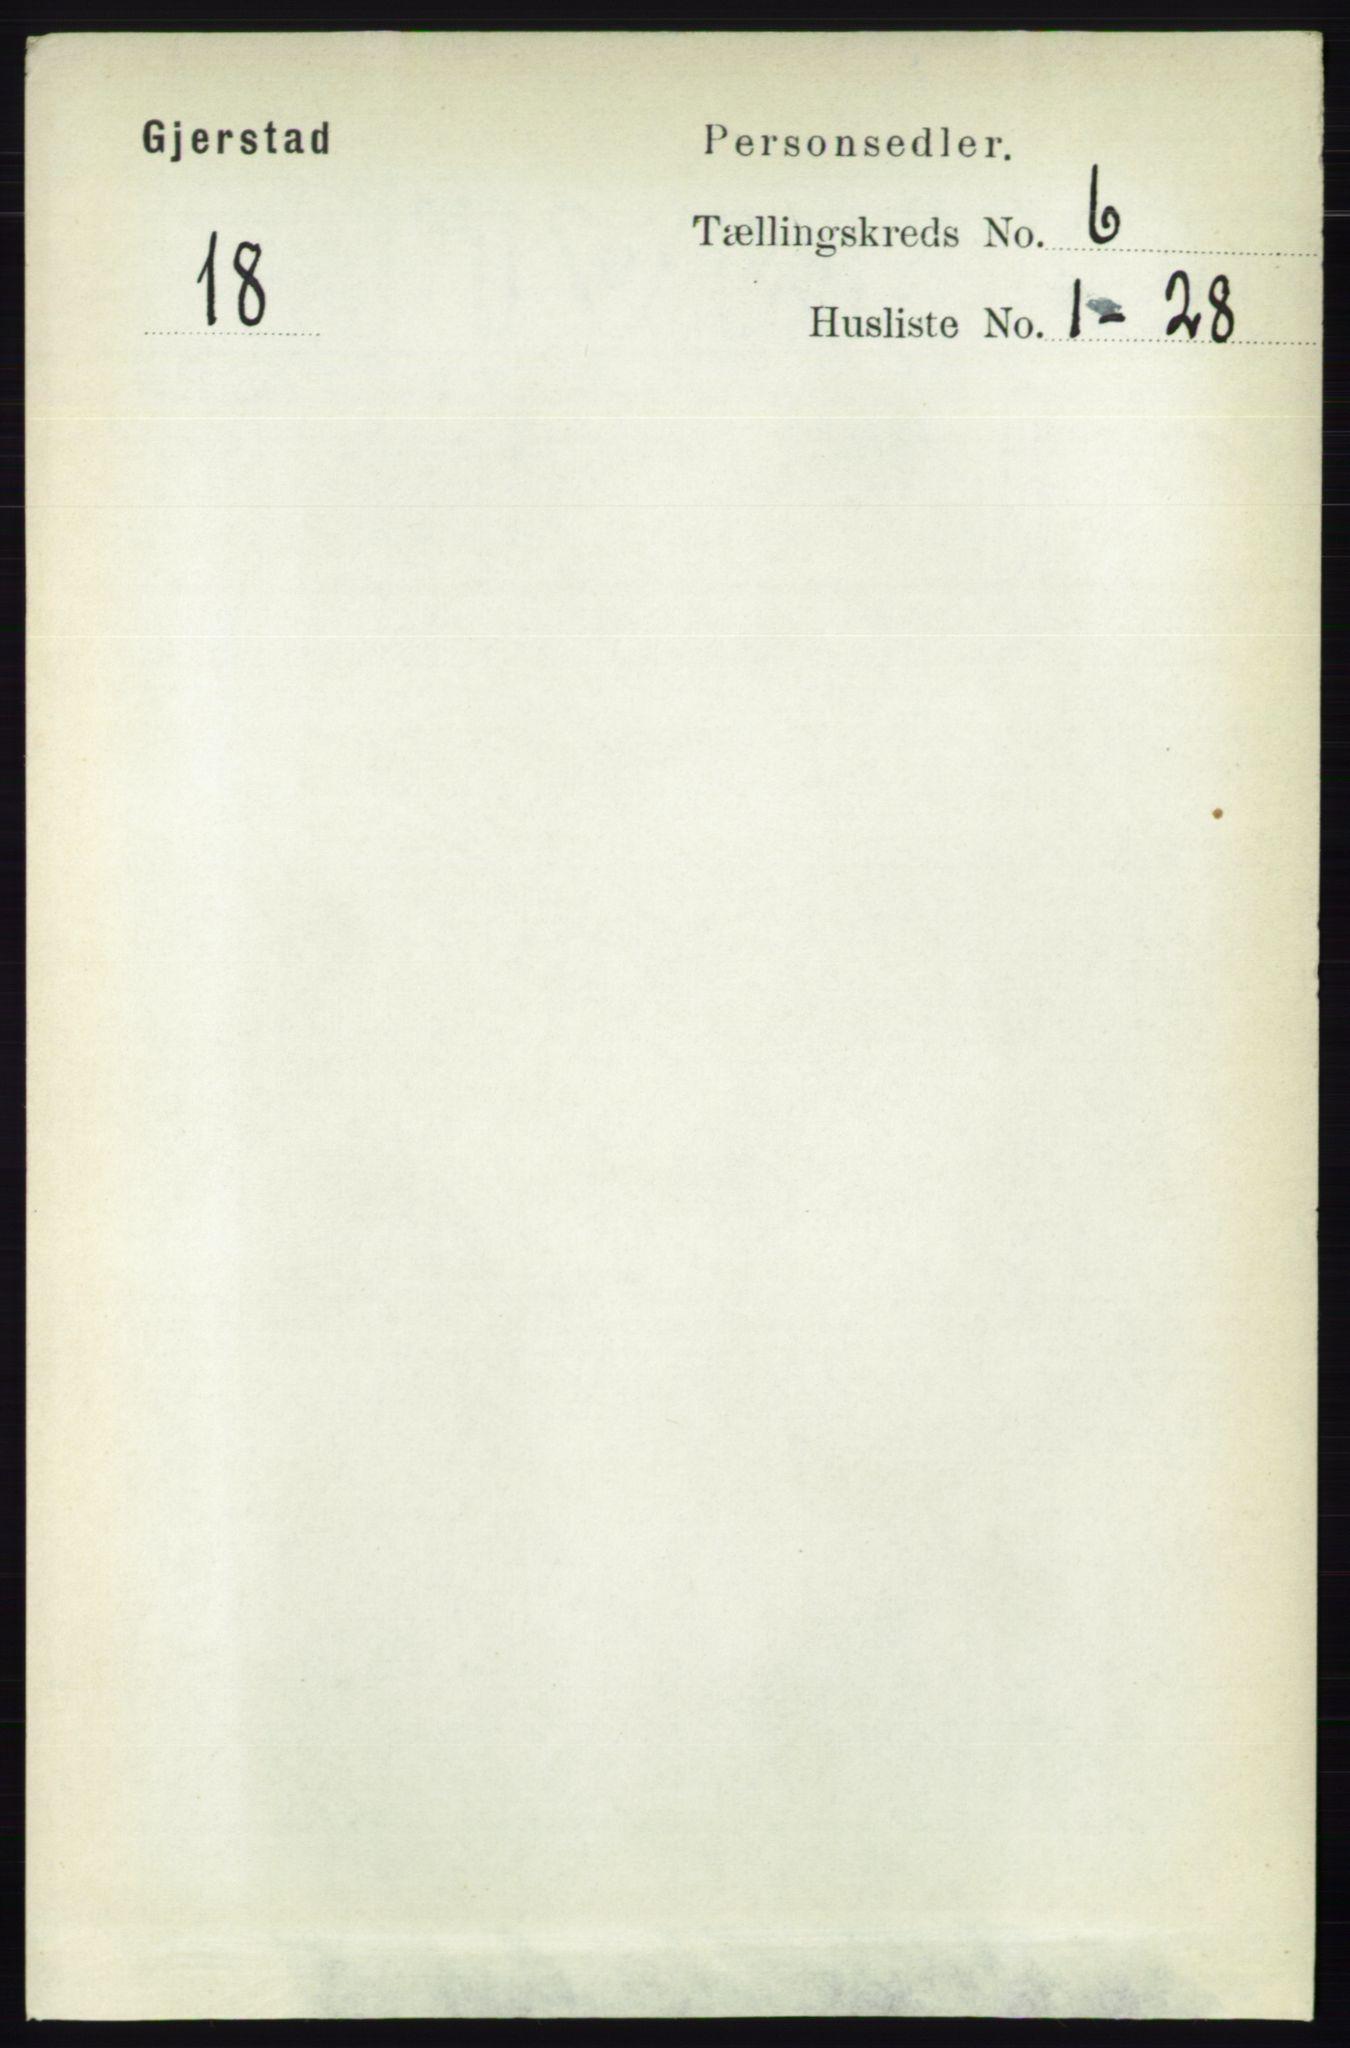 RA, Folketelling 1891 for 0911 Gjerstad herred, 1891, s. 2377